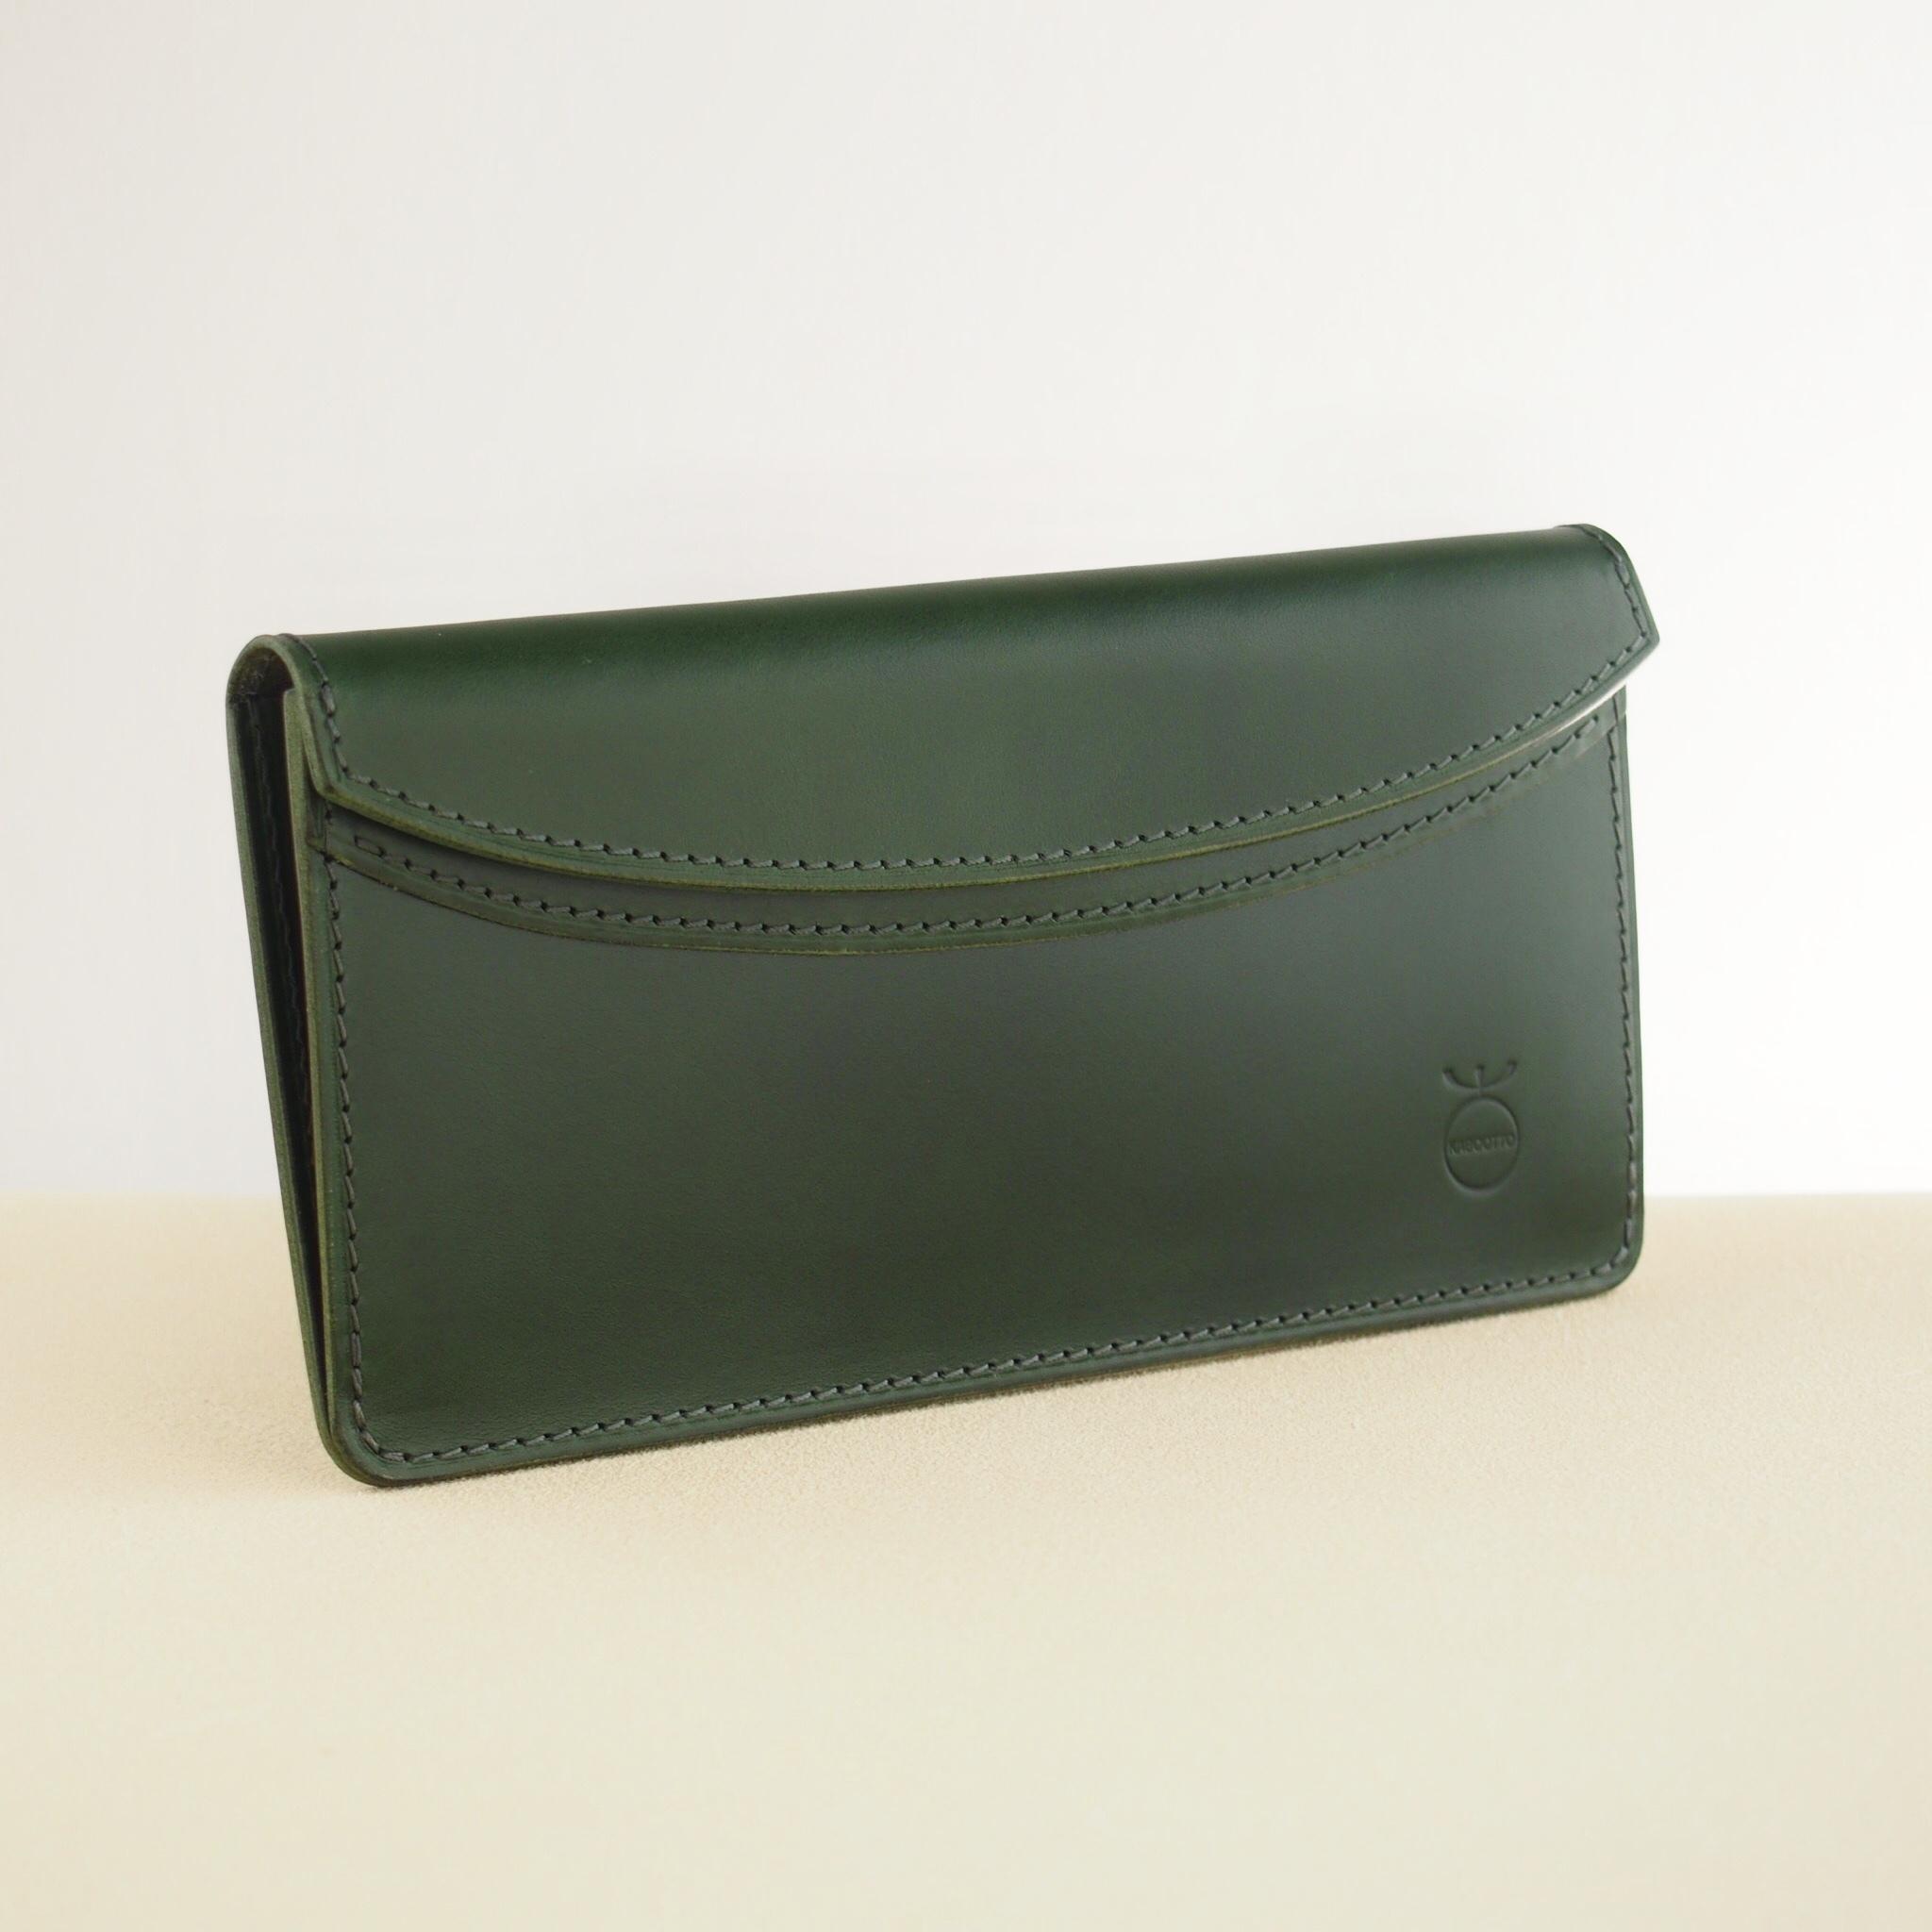 薄い軽い使いやすい! スリムな財布#グリーン